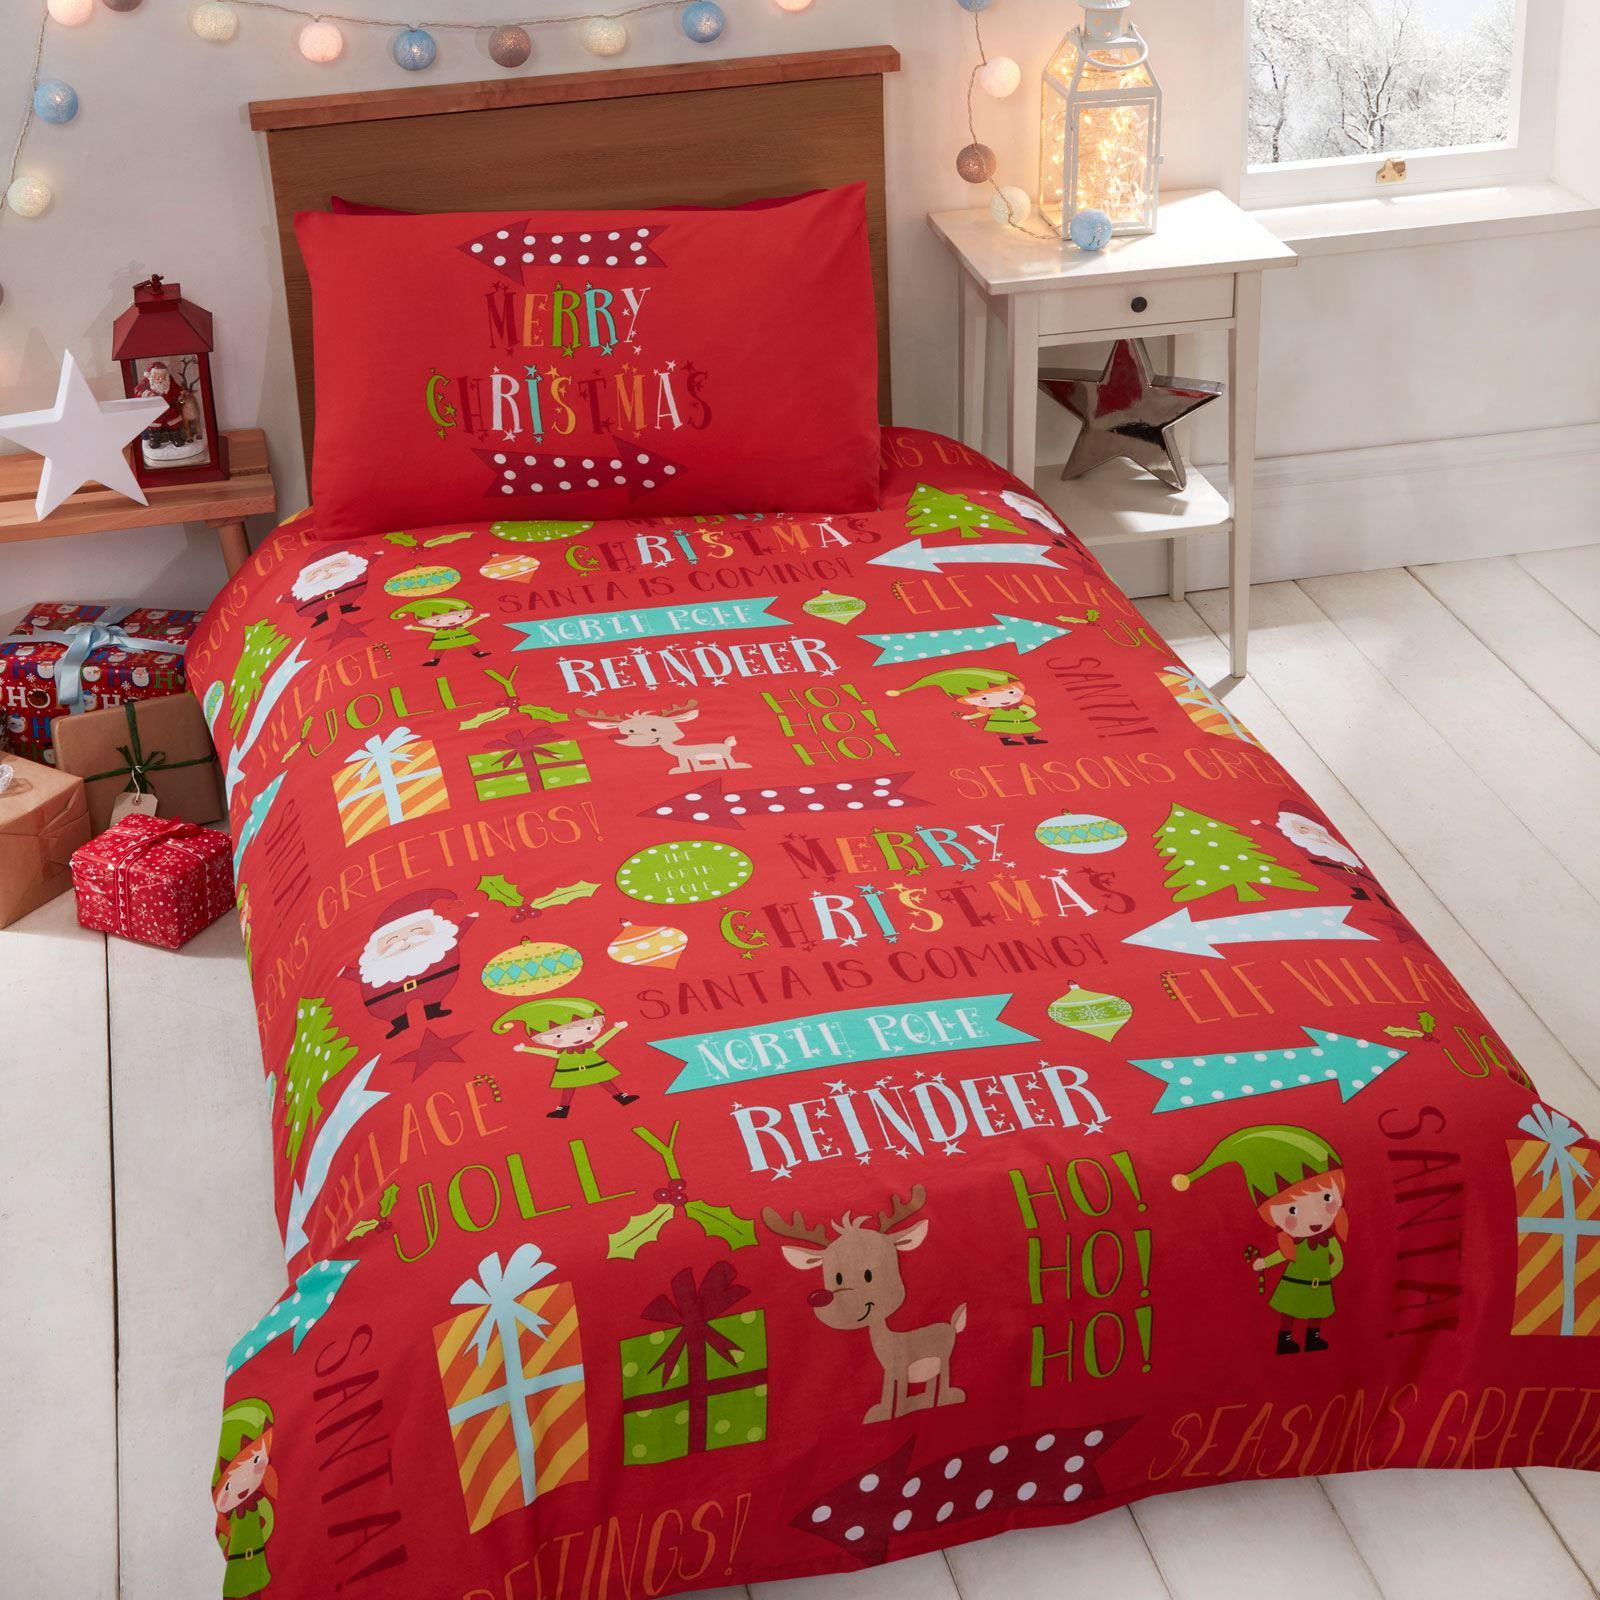 Indexbild 15 - Kinder Weihnachten Bettbezug Sets - Junior Einzel Doppel King - Elf Emoji Grinch